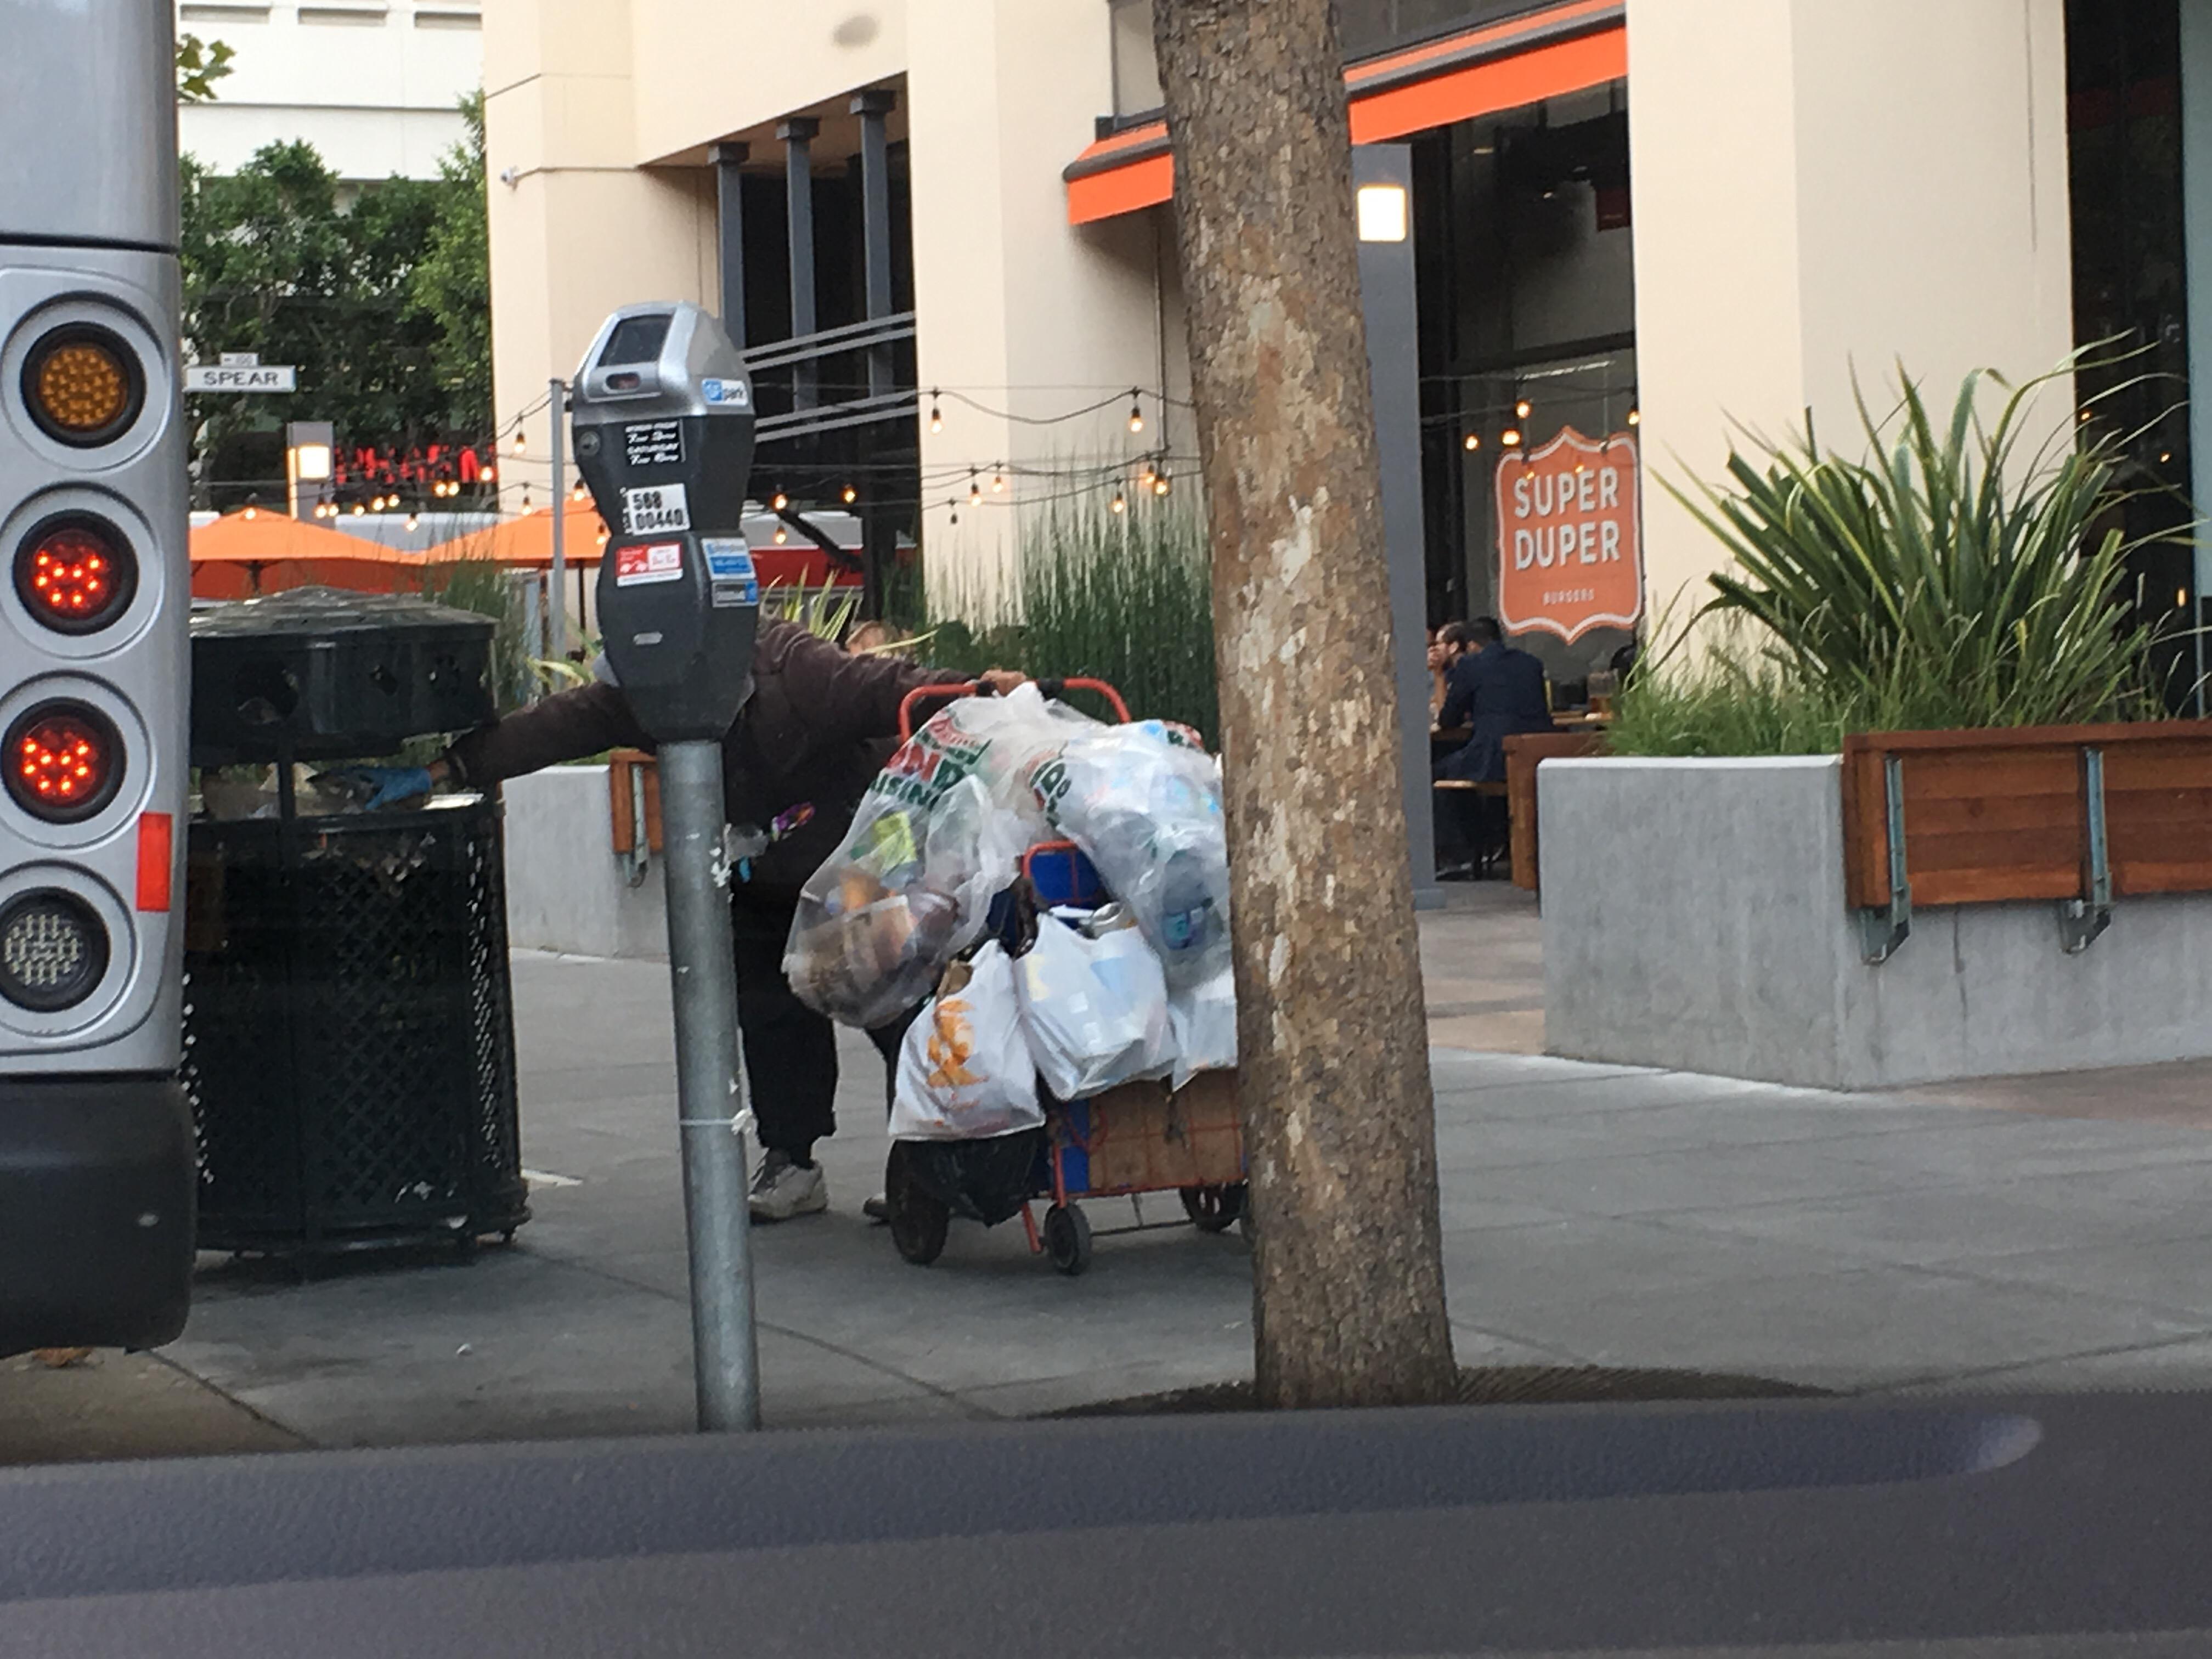 Quanti homeless ci sono a san francisco italiano in for Quanti senatori ci sono